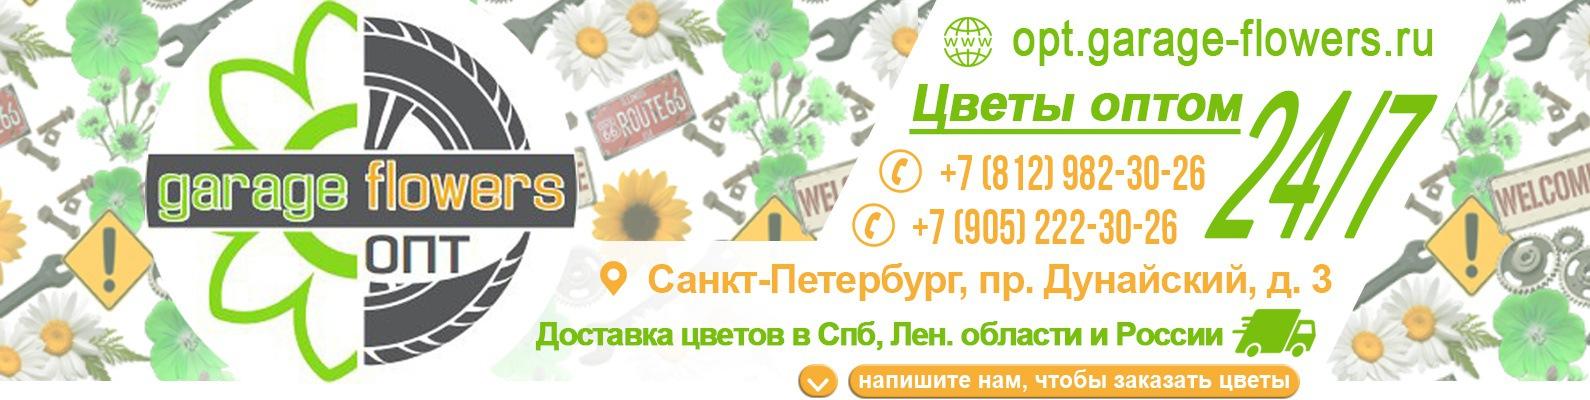 nartsissi-optovaya-baza-tsvetov-na-ligovskom-tsvetov